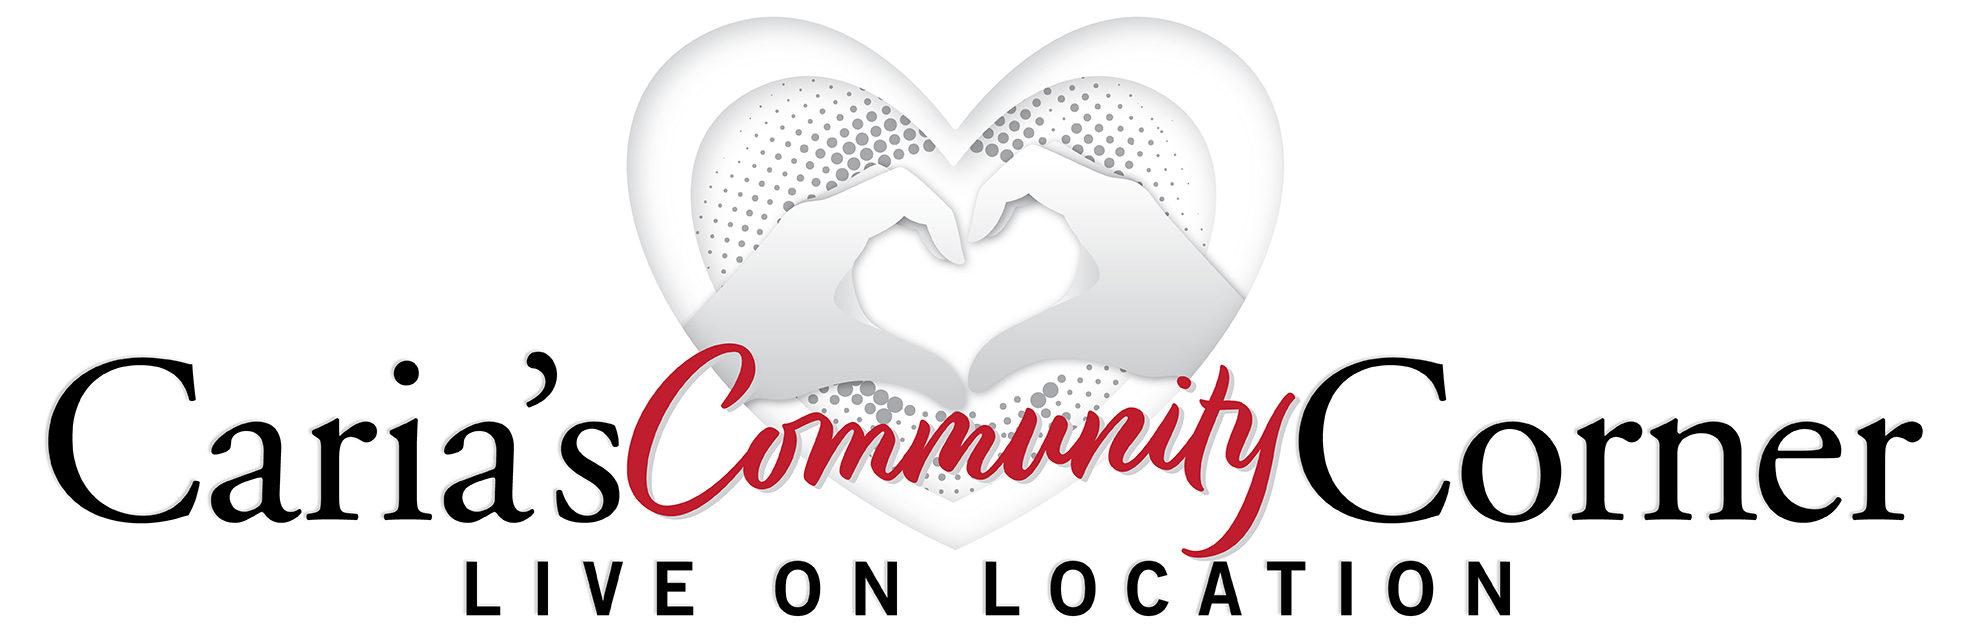 Caria's Community Corner